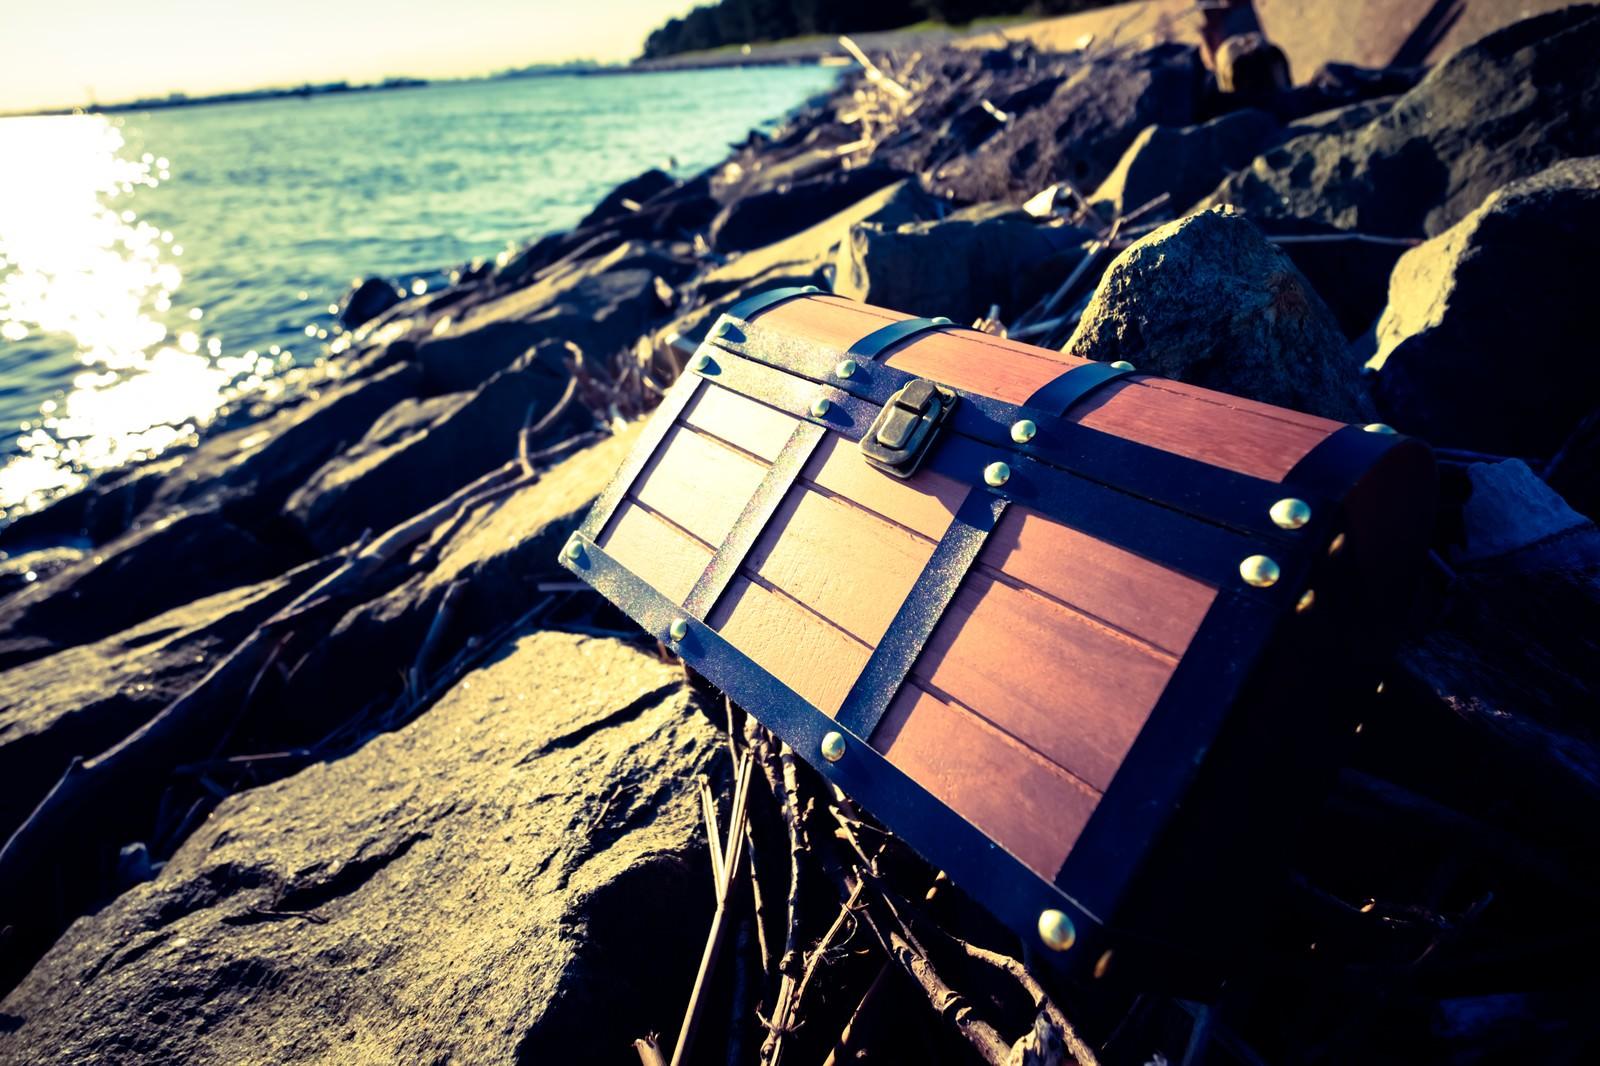 「海岸で拾った宝箱」の写真